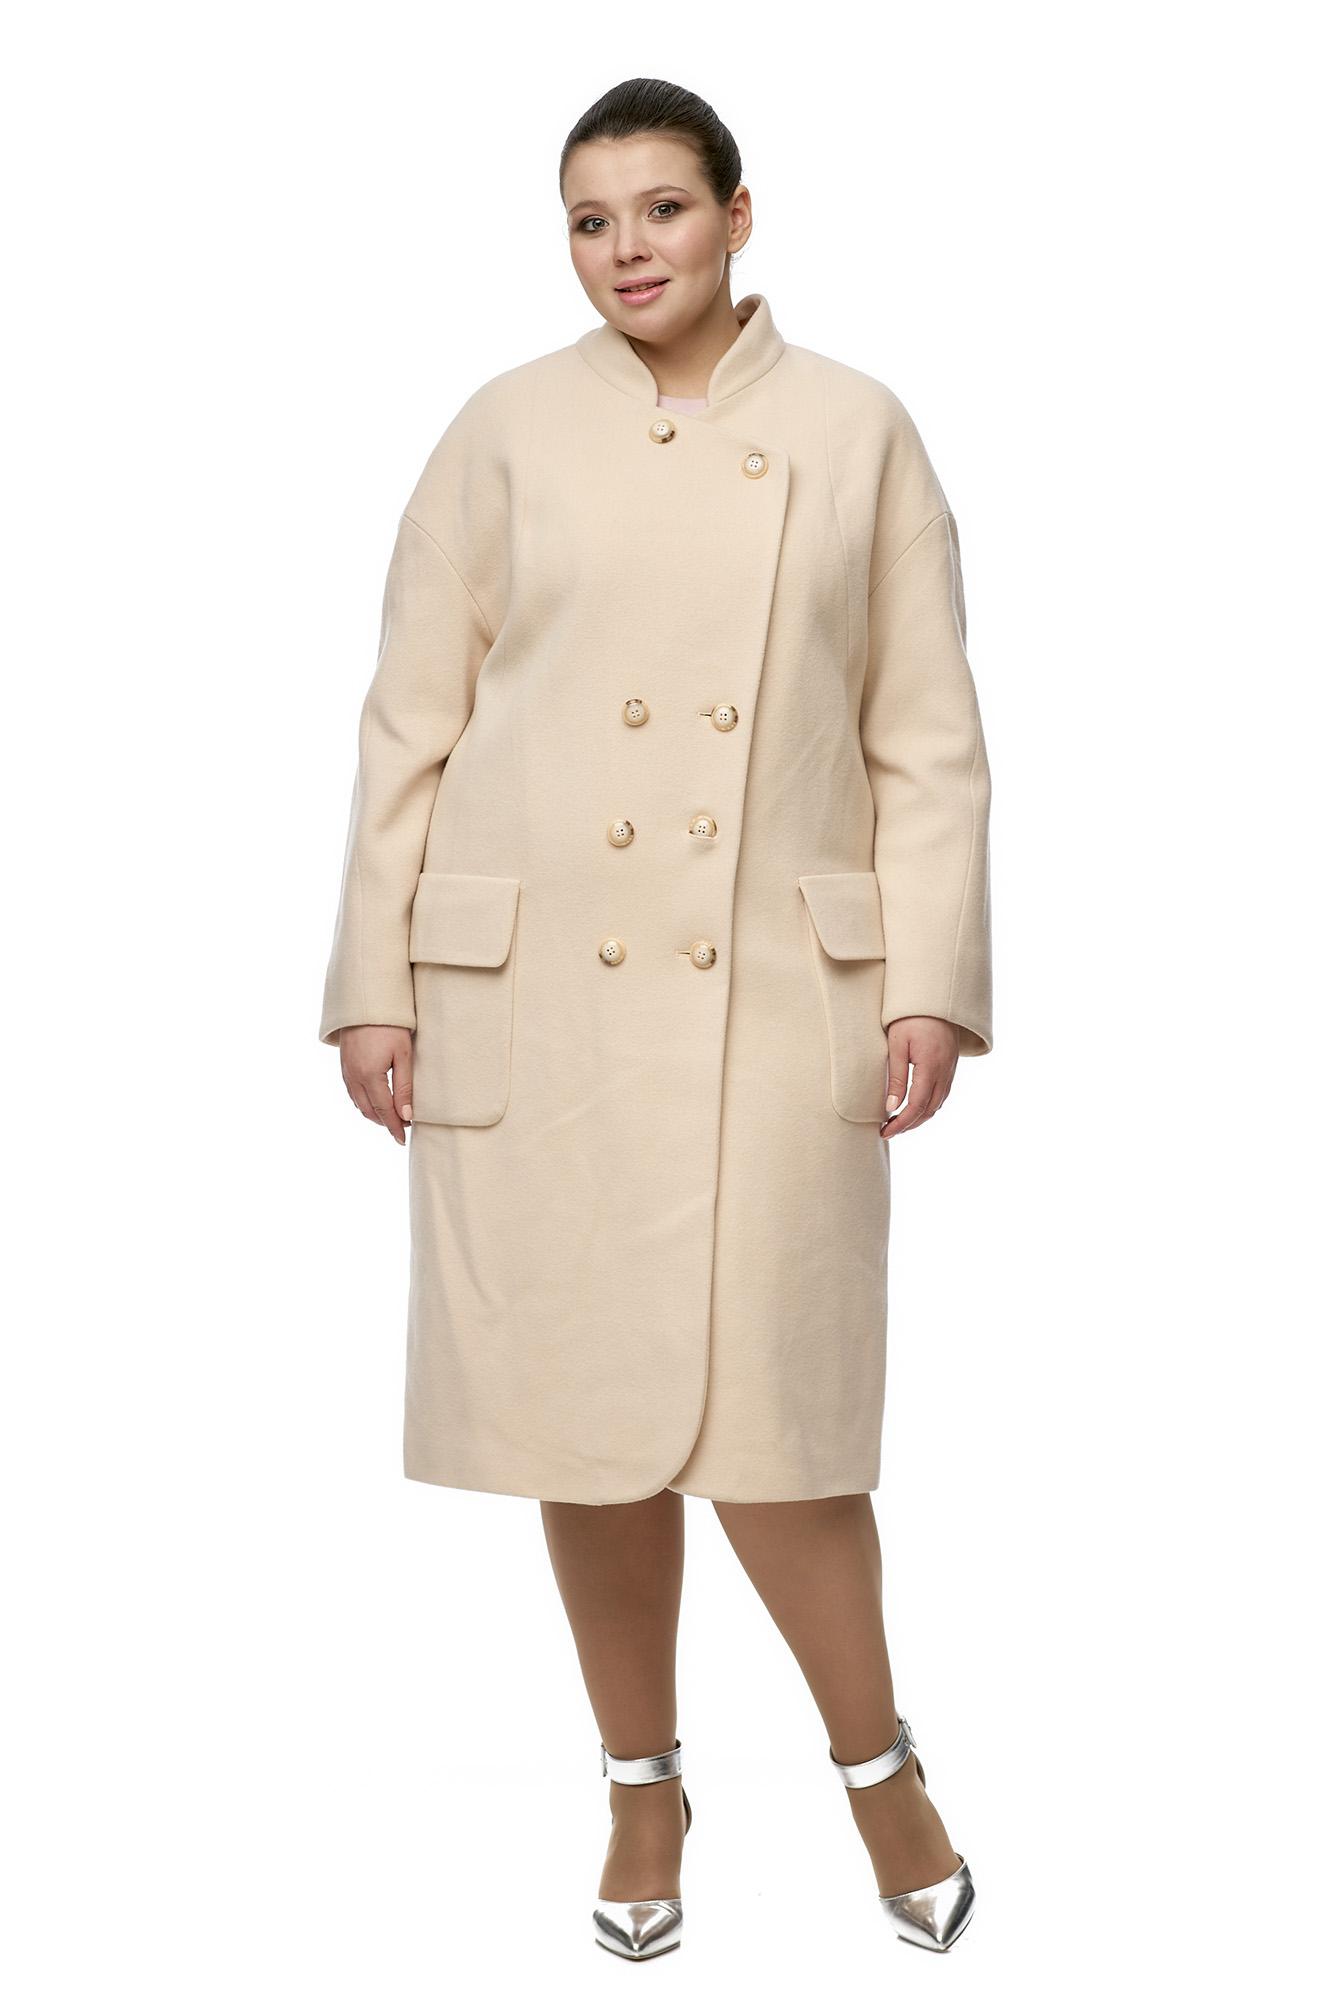 Женское пальто из текстиля с воротником МОСМЕХА